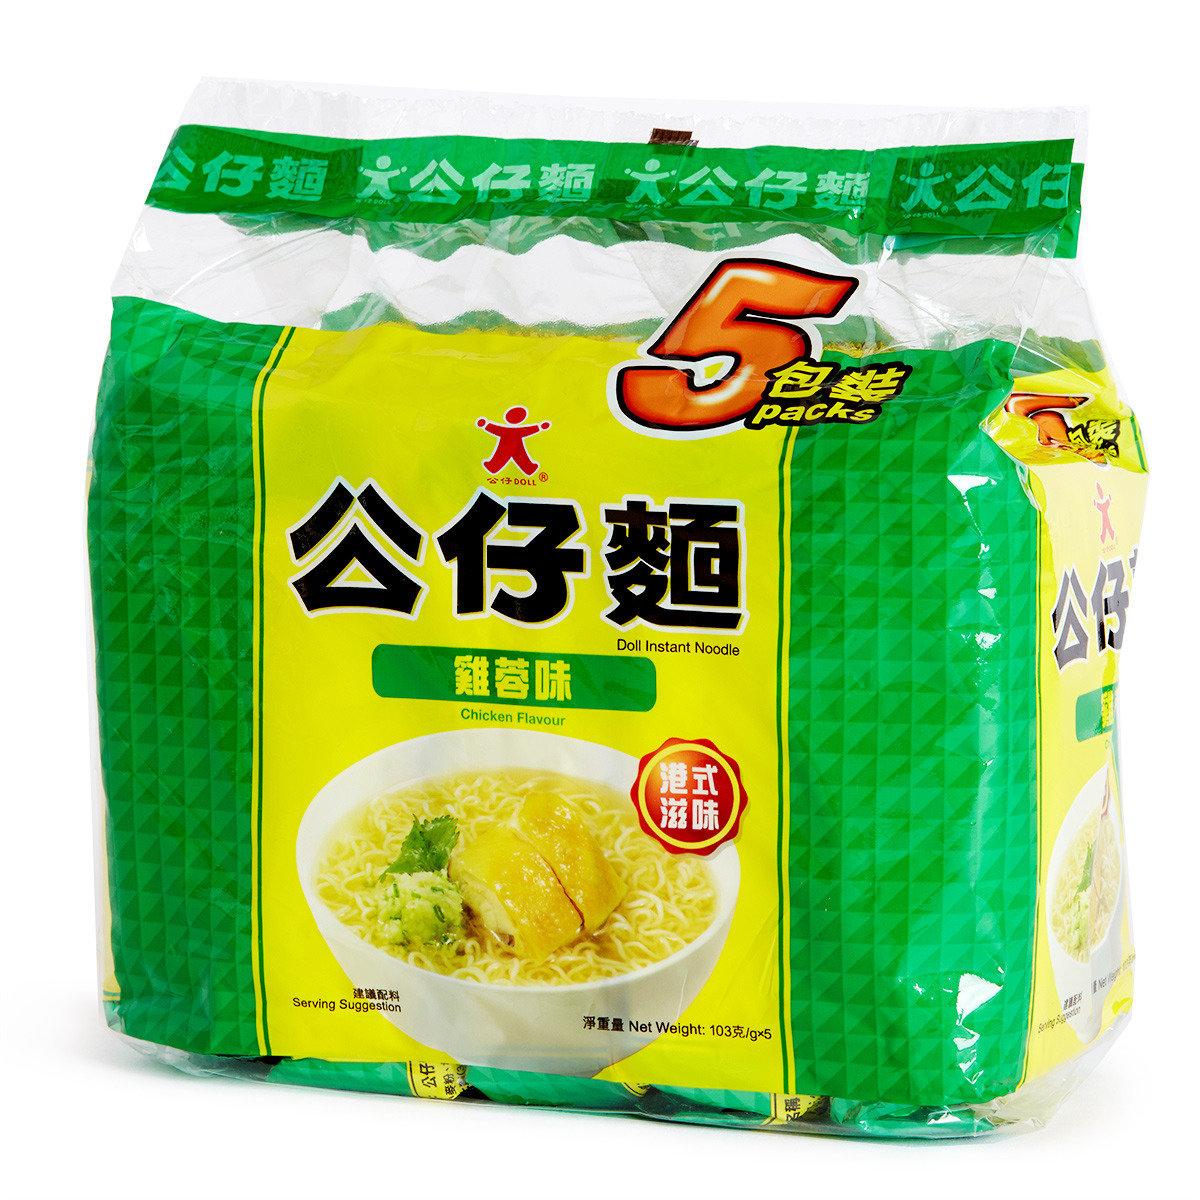 雞蓉公仔麵